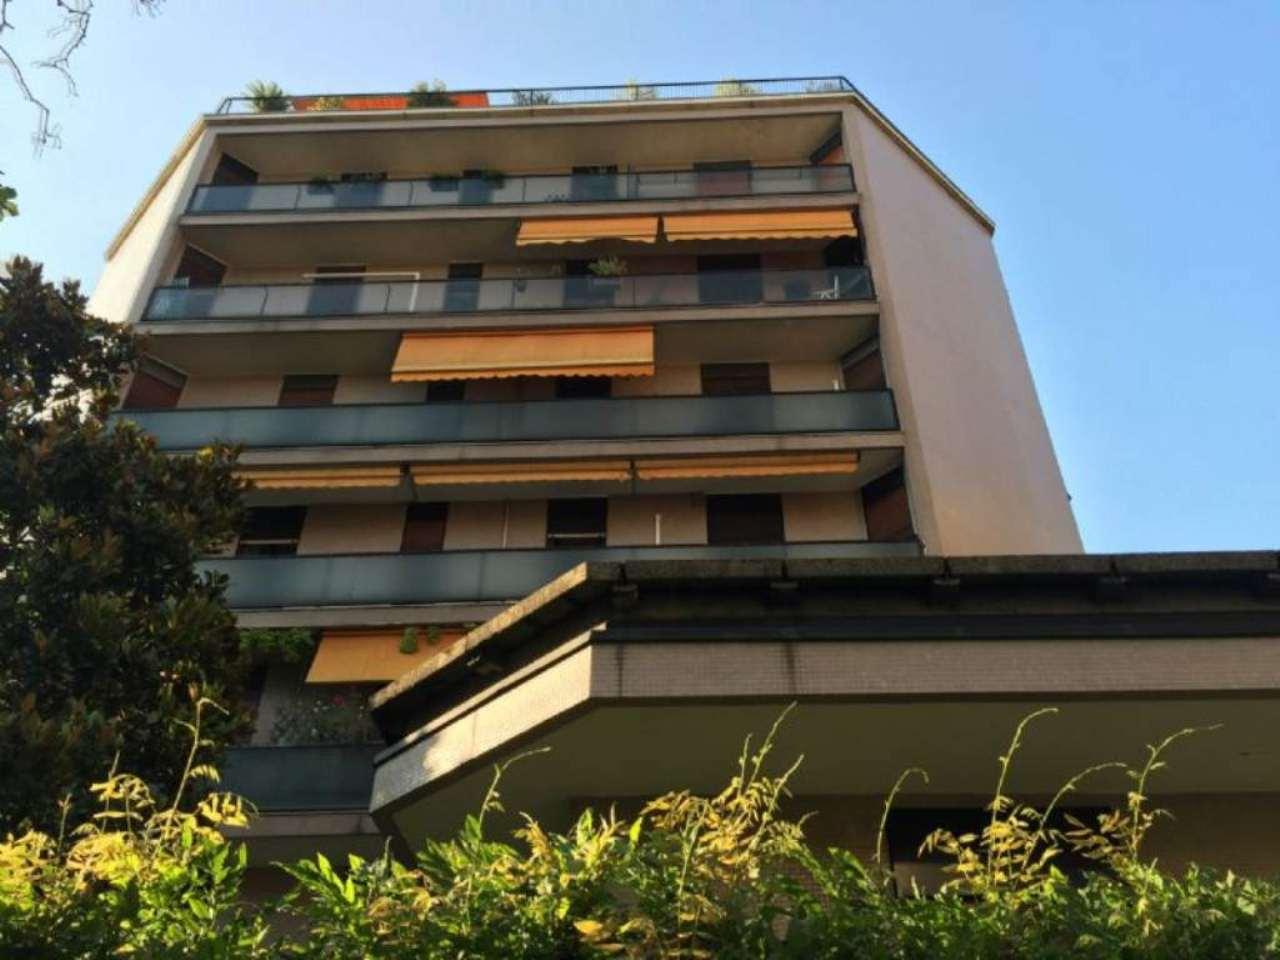 Monza Affitto ATTICO Immagine 1